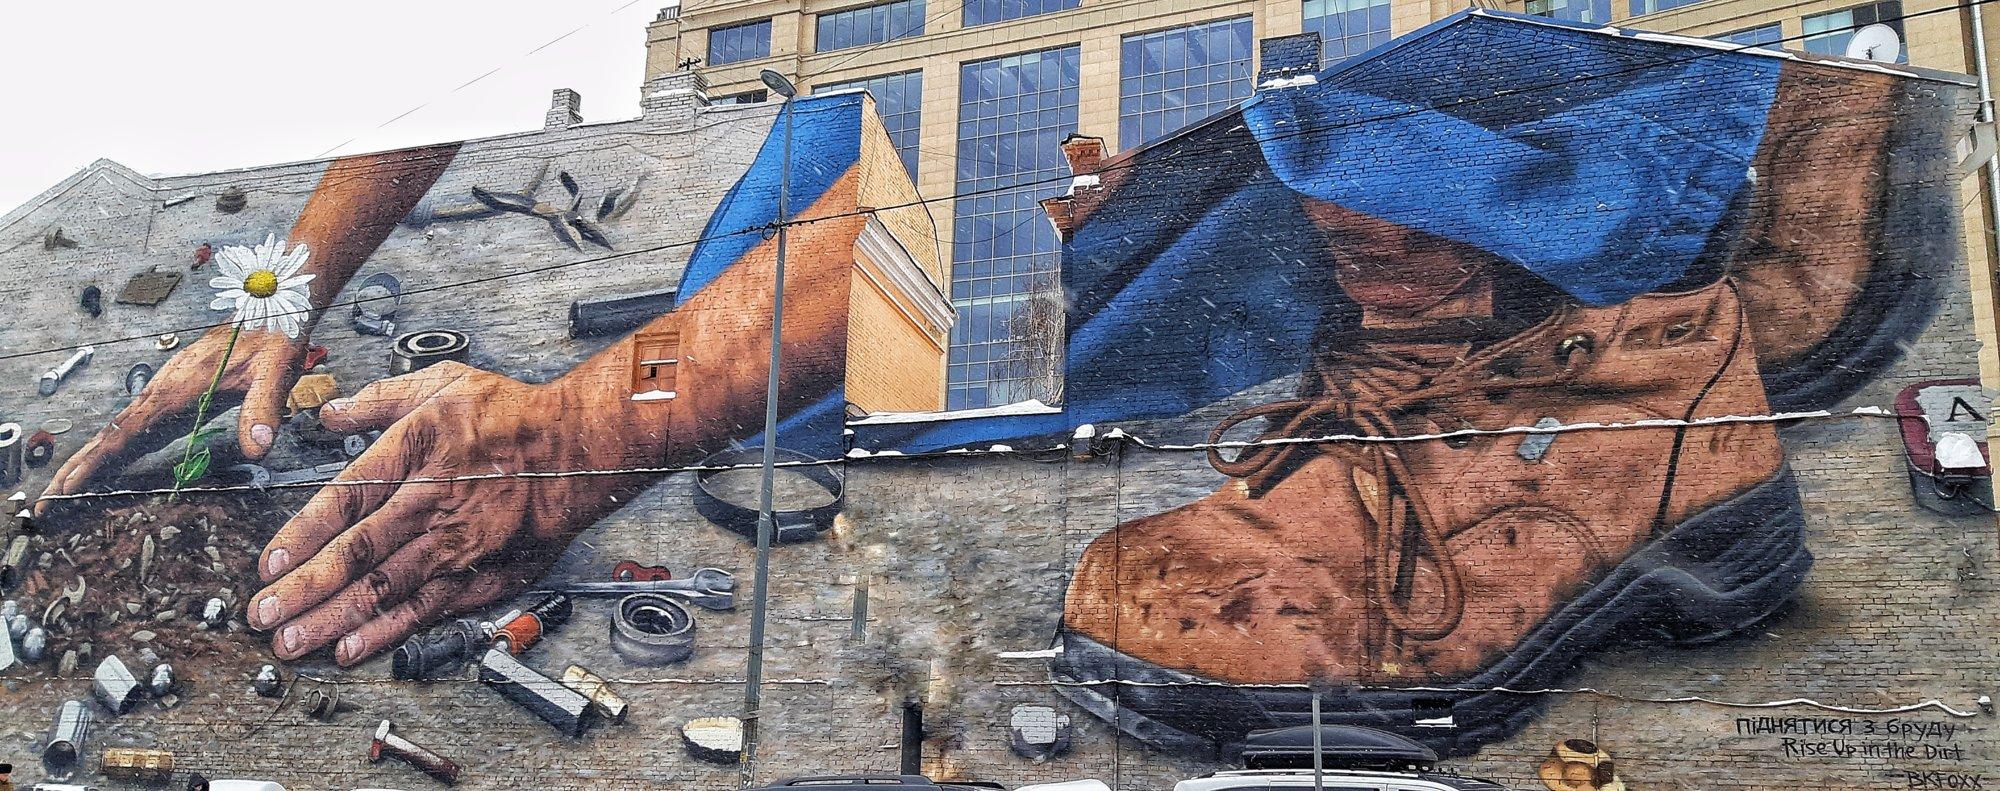 Стрит-арт по-киевски: муралы столицы, которые вы должны увидеть